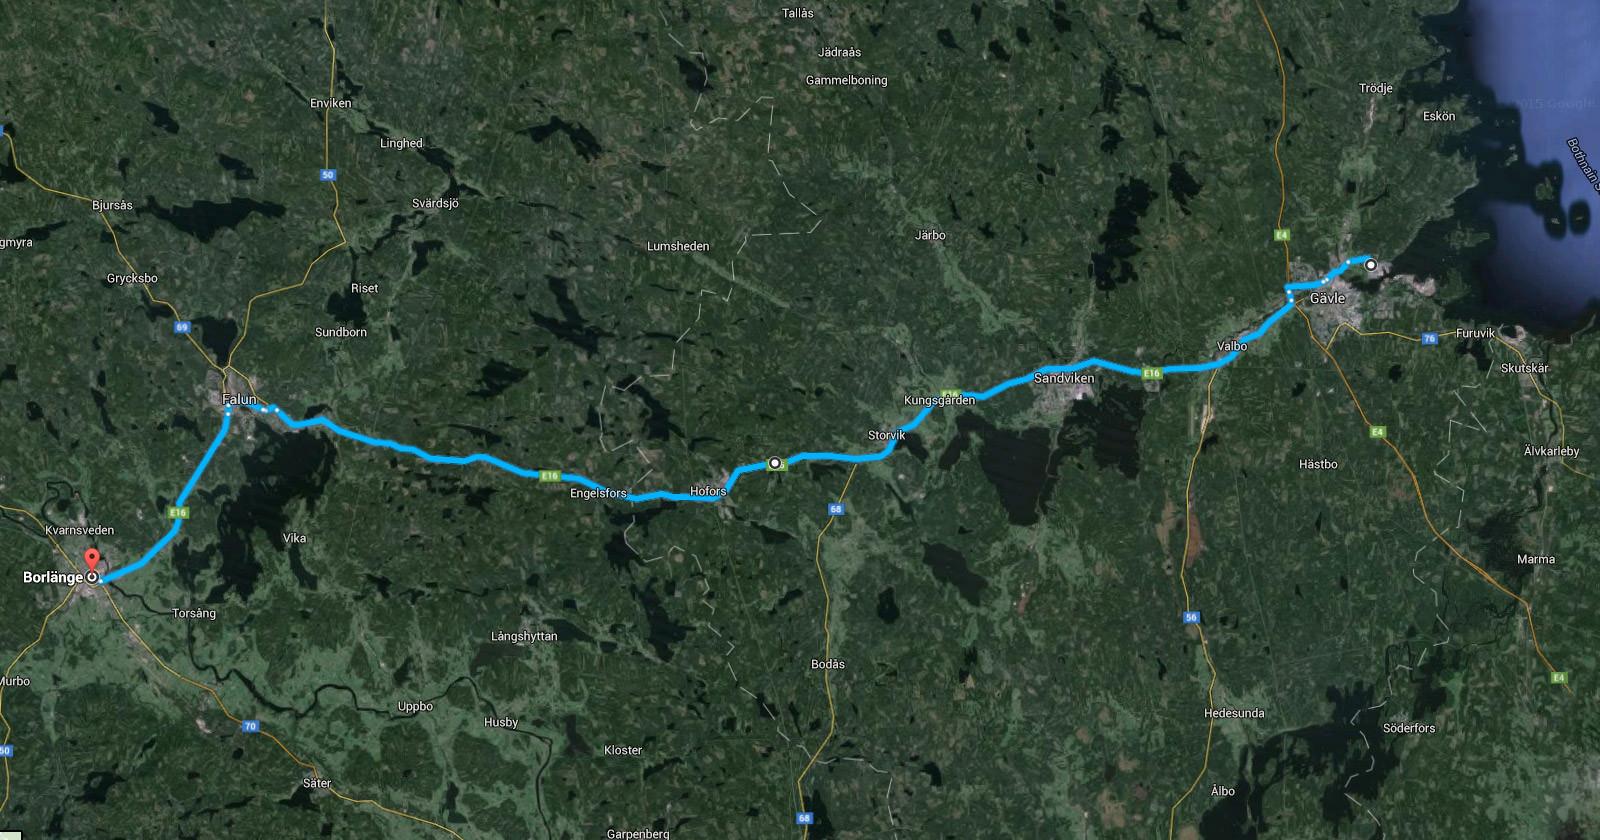 Siemens eHighway Schweden Scania Strecke Teststrecke Karte